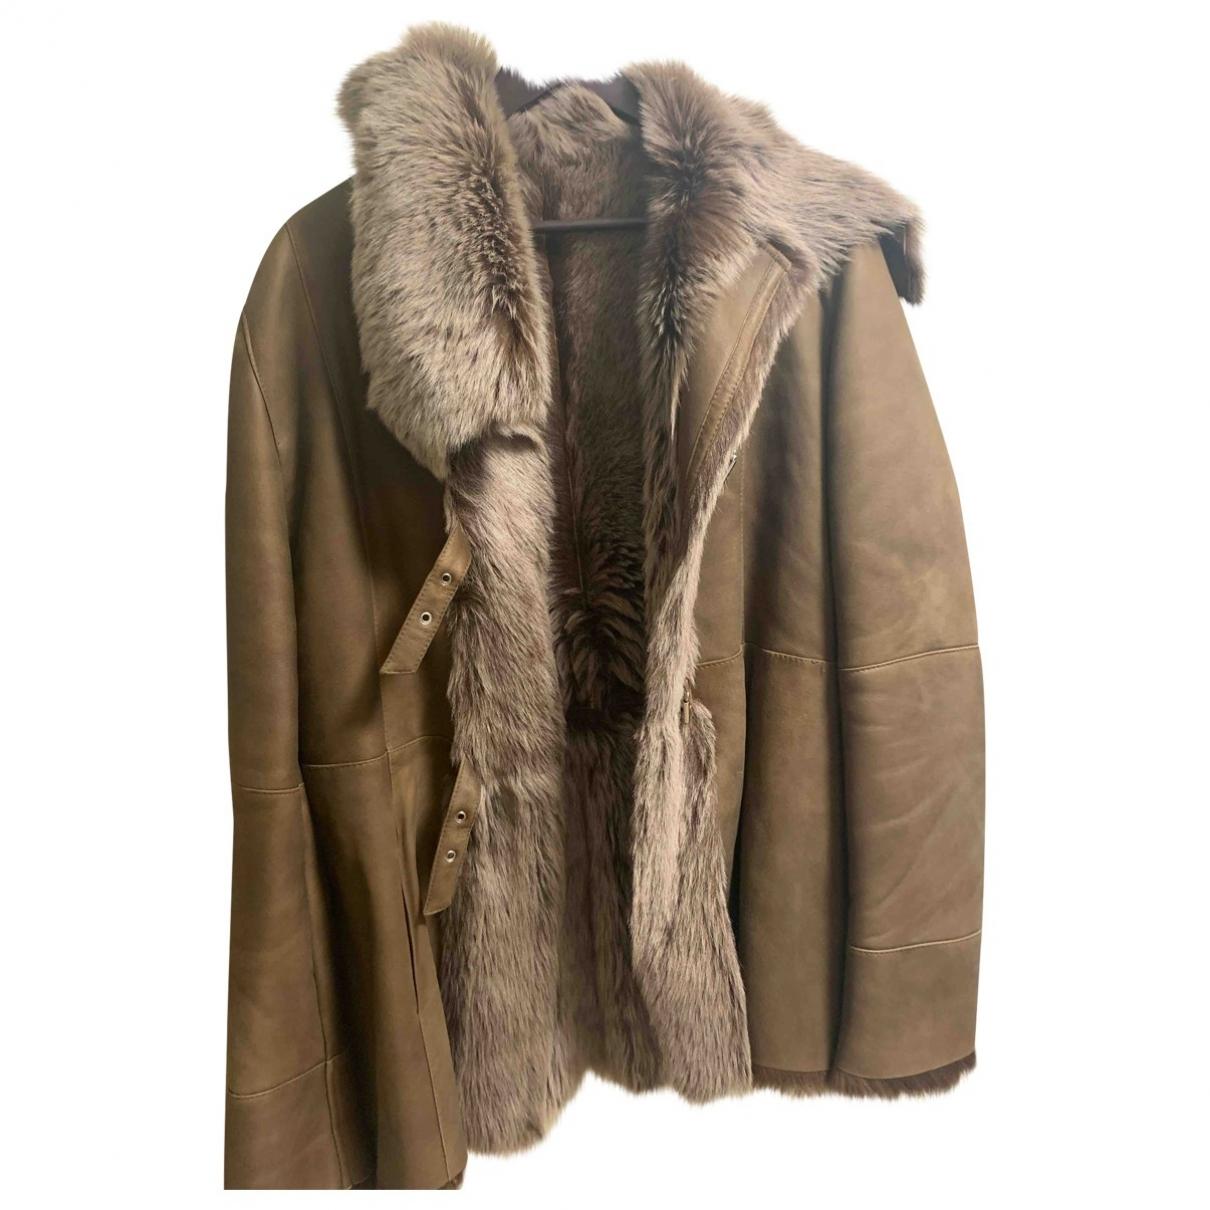 Sprung Frères \N Camel Fur jacket for Women One Size FR